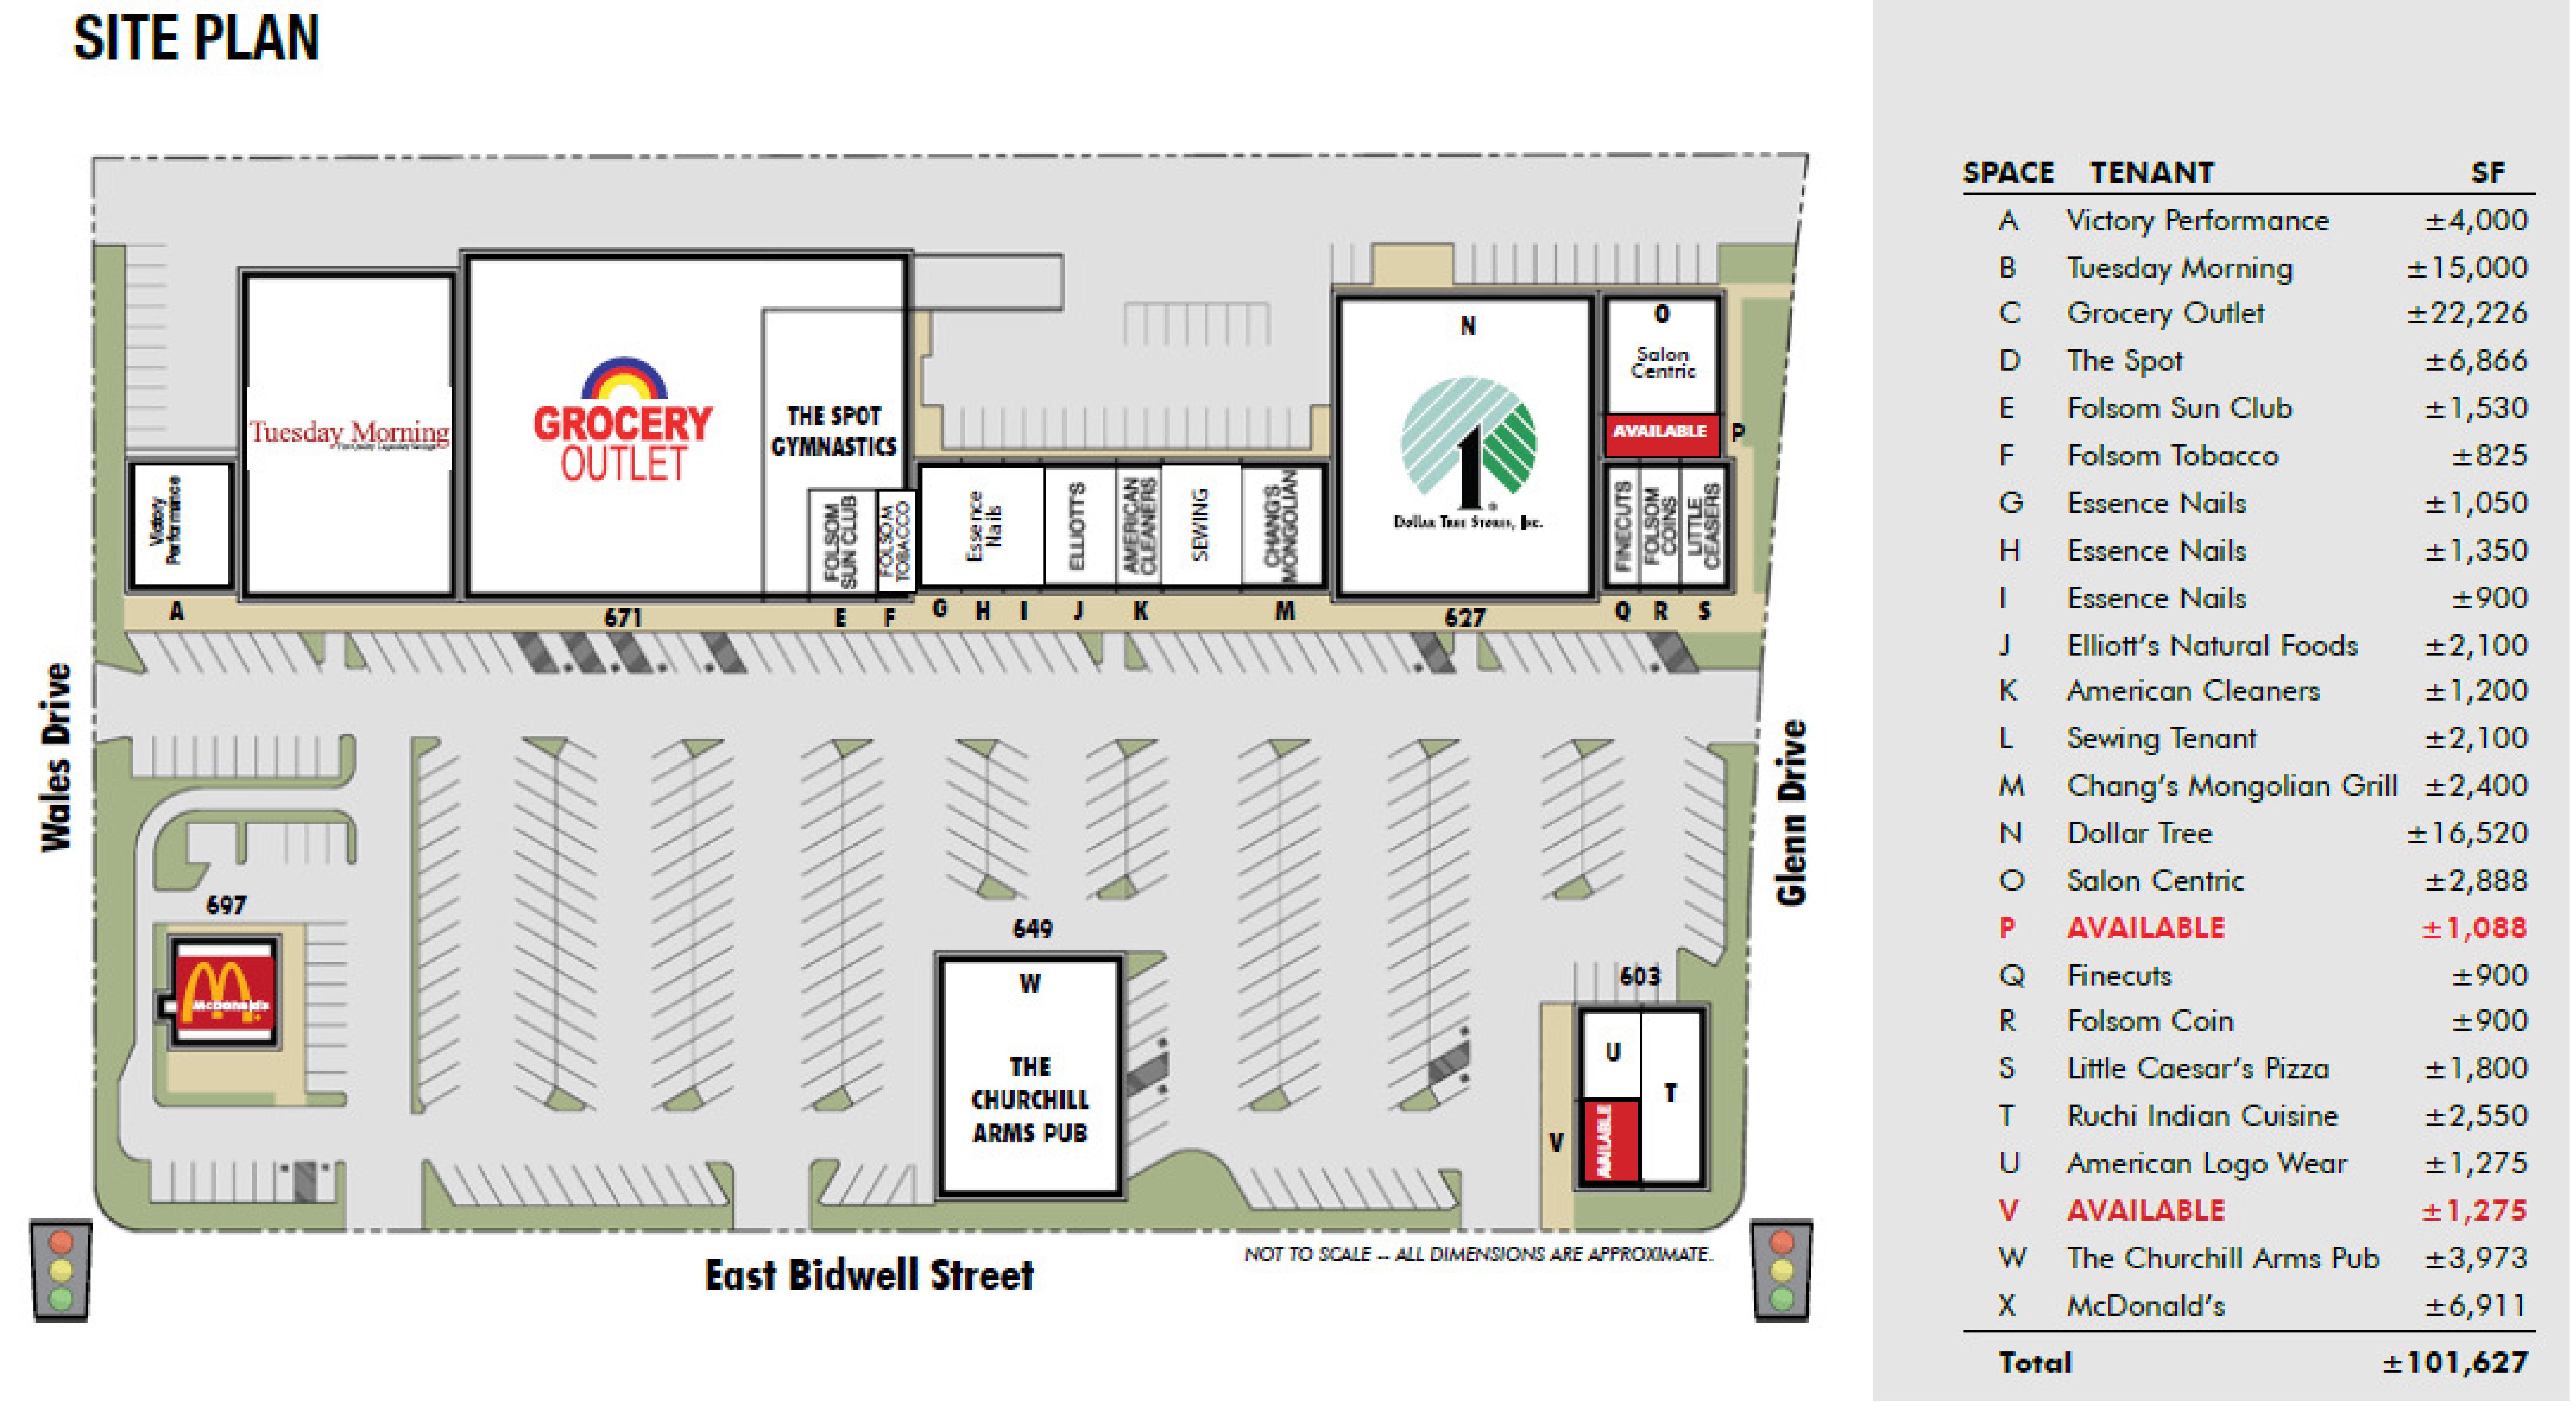 Folsom Faire: site plan